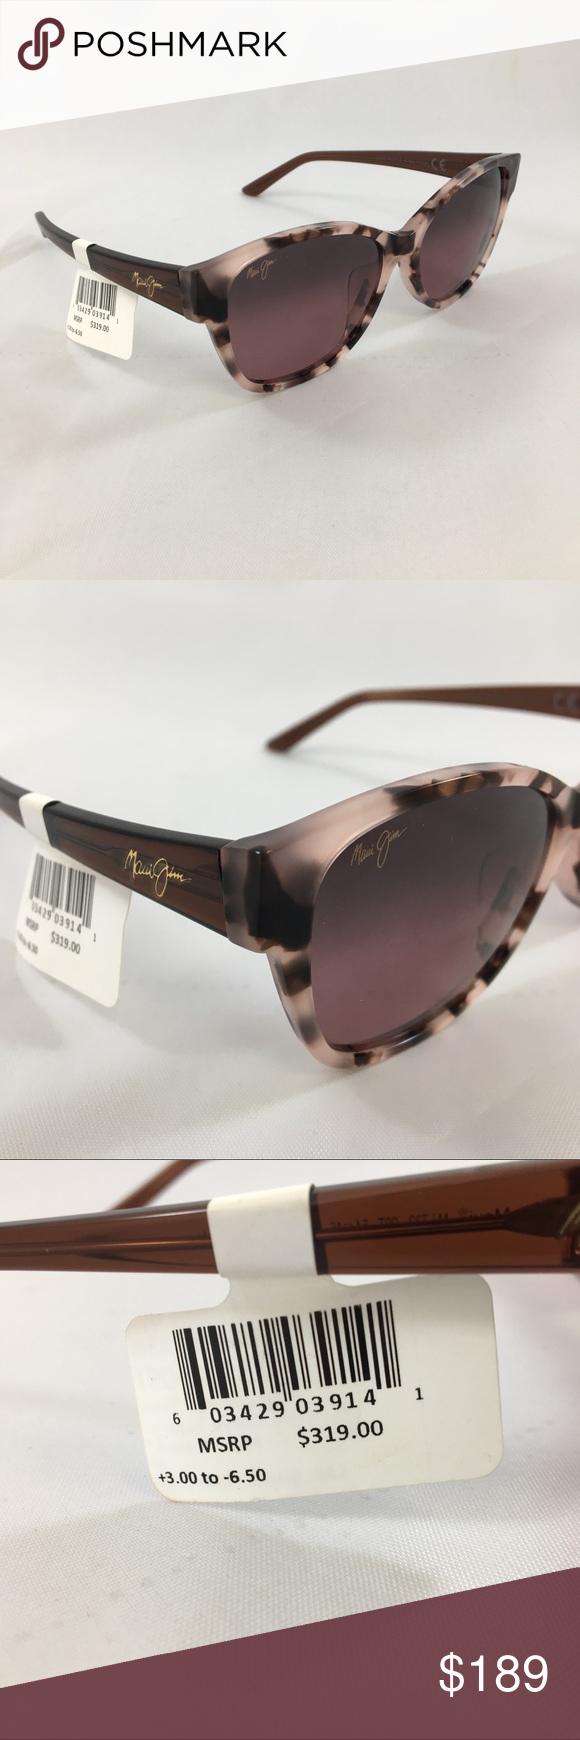 """ab2b0e845923 MAUI JIM Women's Sunglasses Polarized Summer Time MAUI JIM Women's  Sunglasses Polarized """"Summer Time"""""""